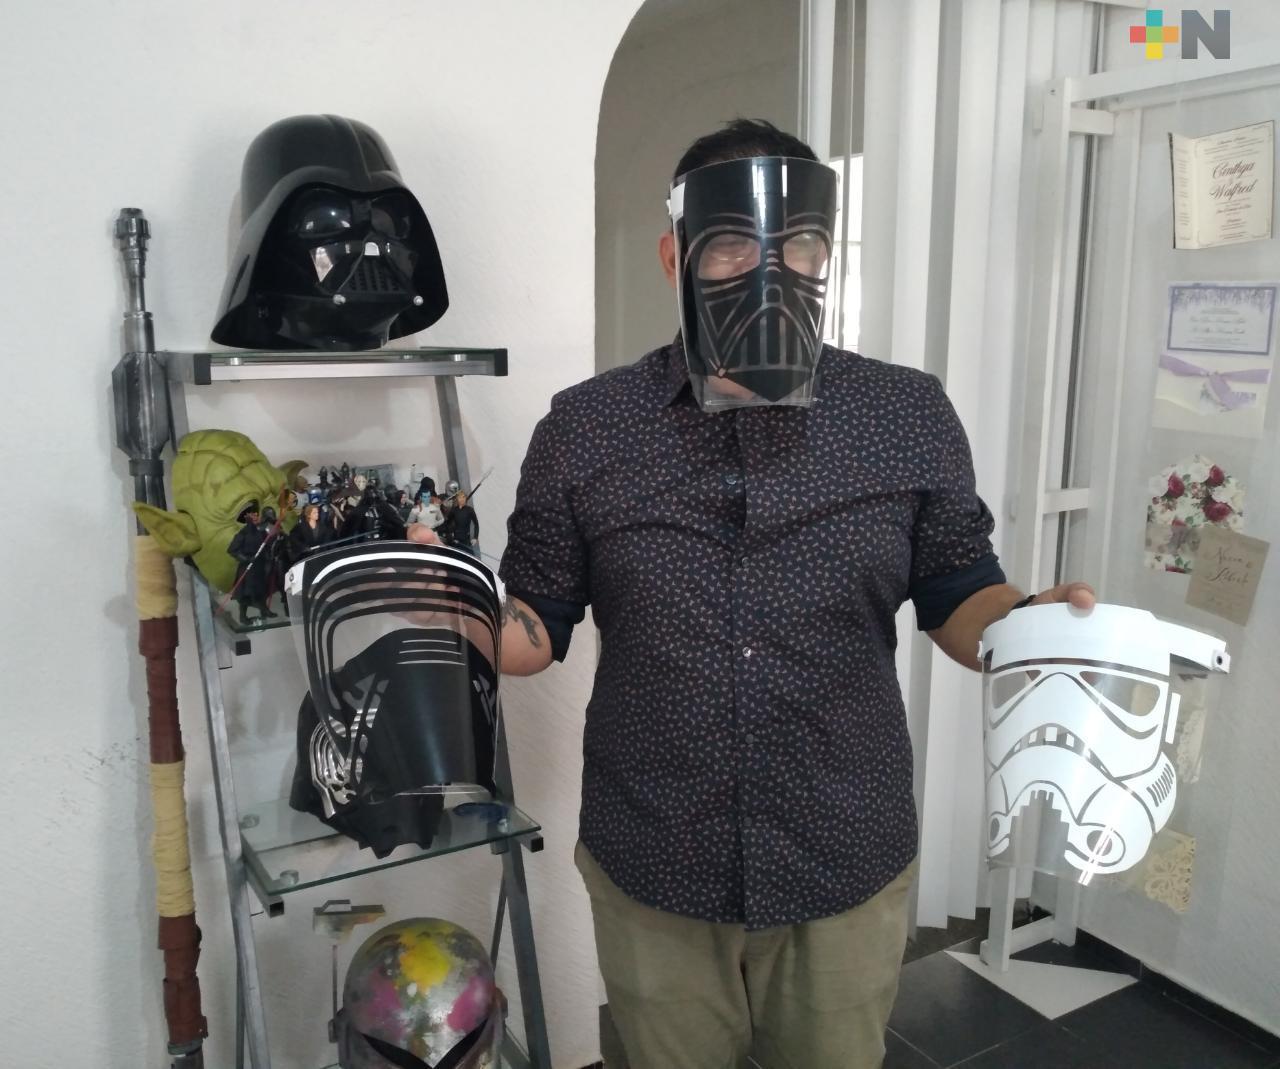 Crean caretas con motivos de Star Wars, en ciudad de Veracruz